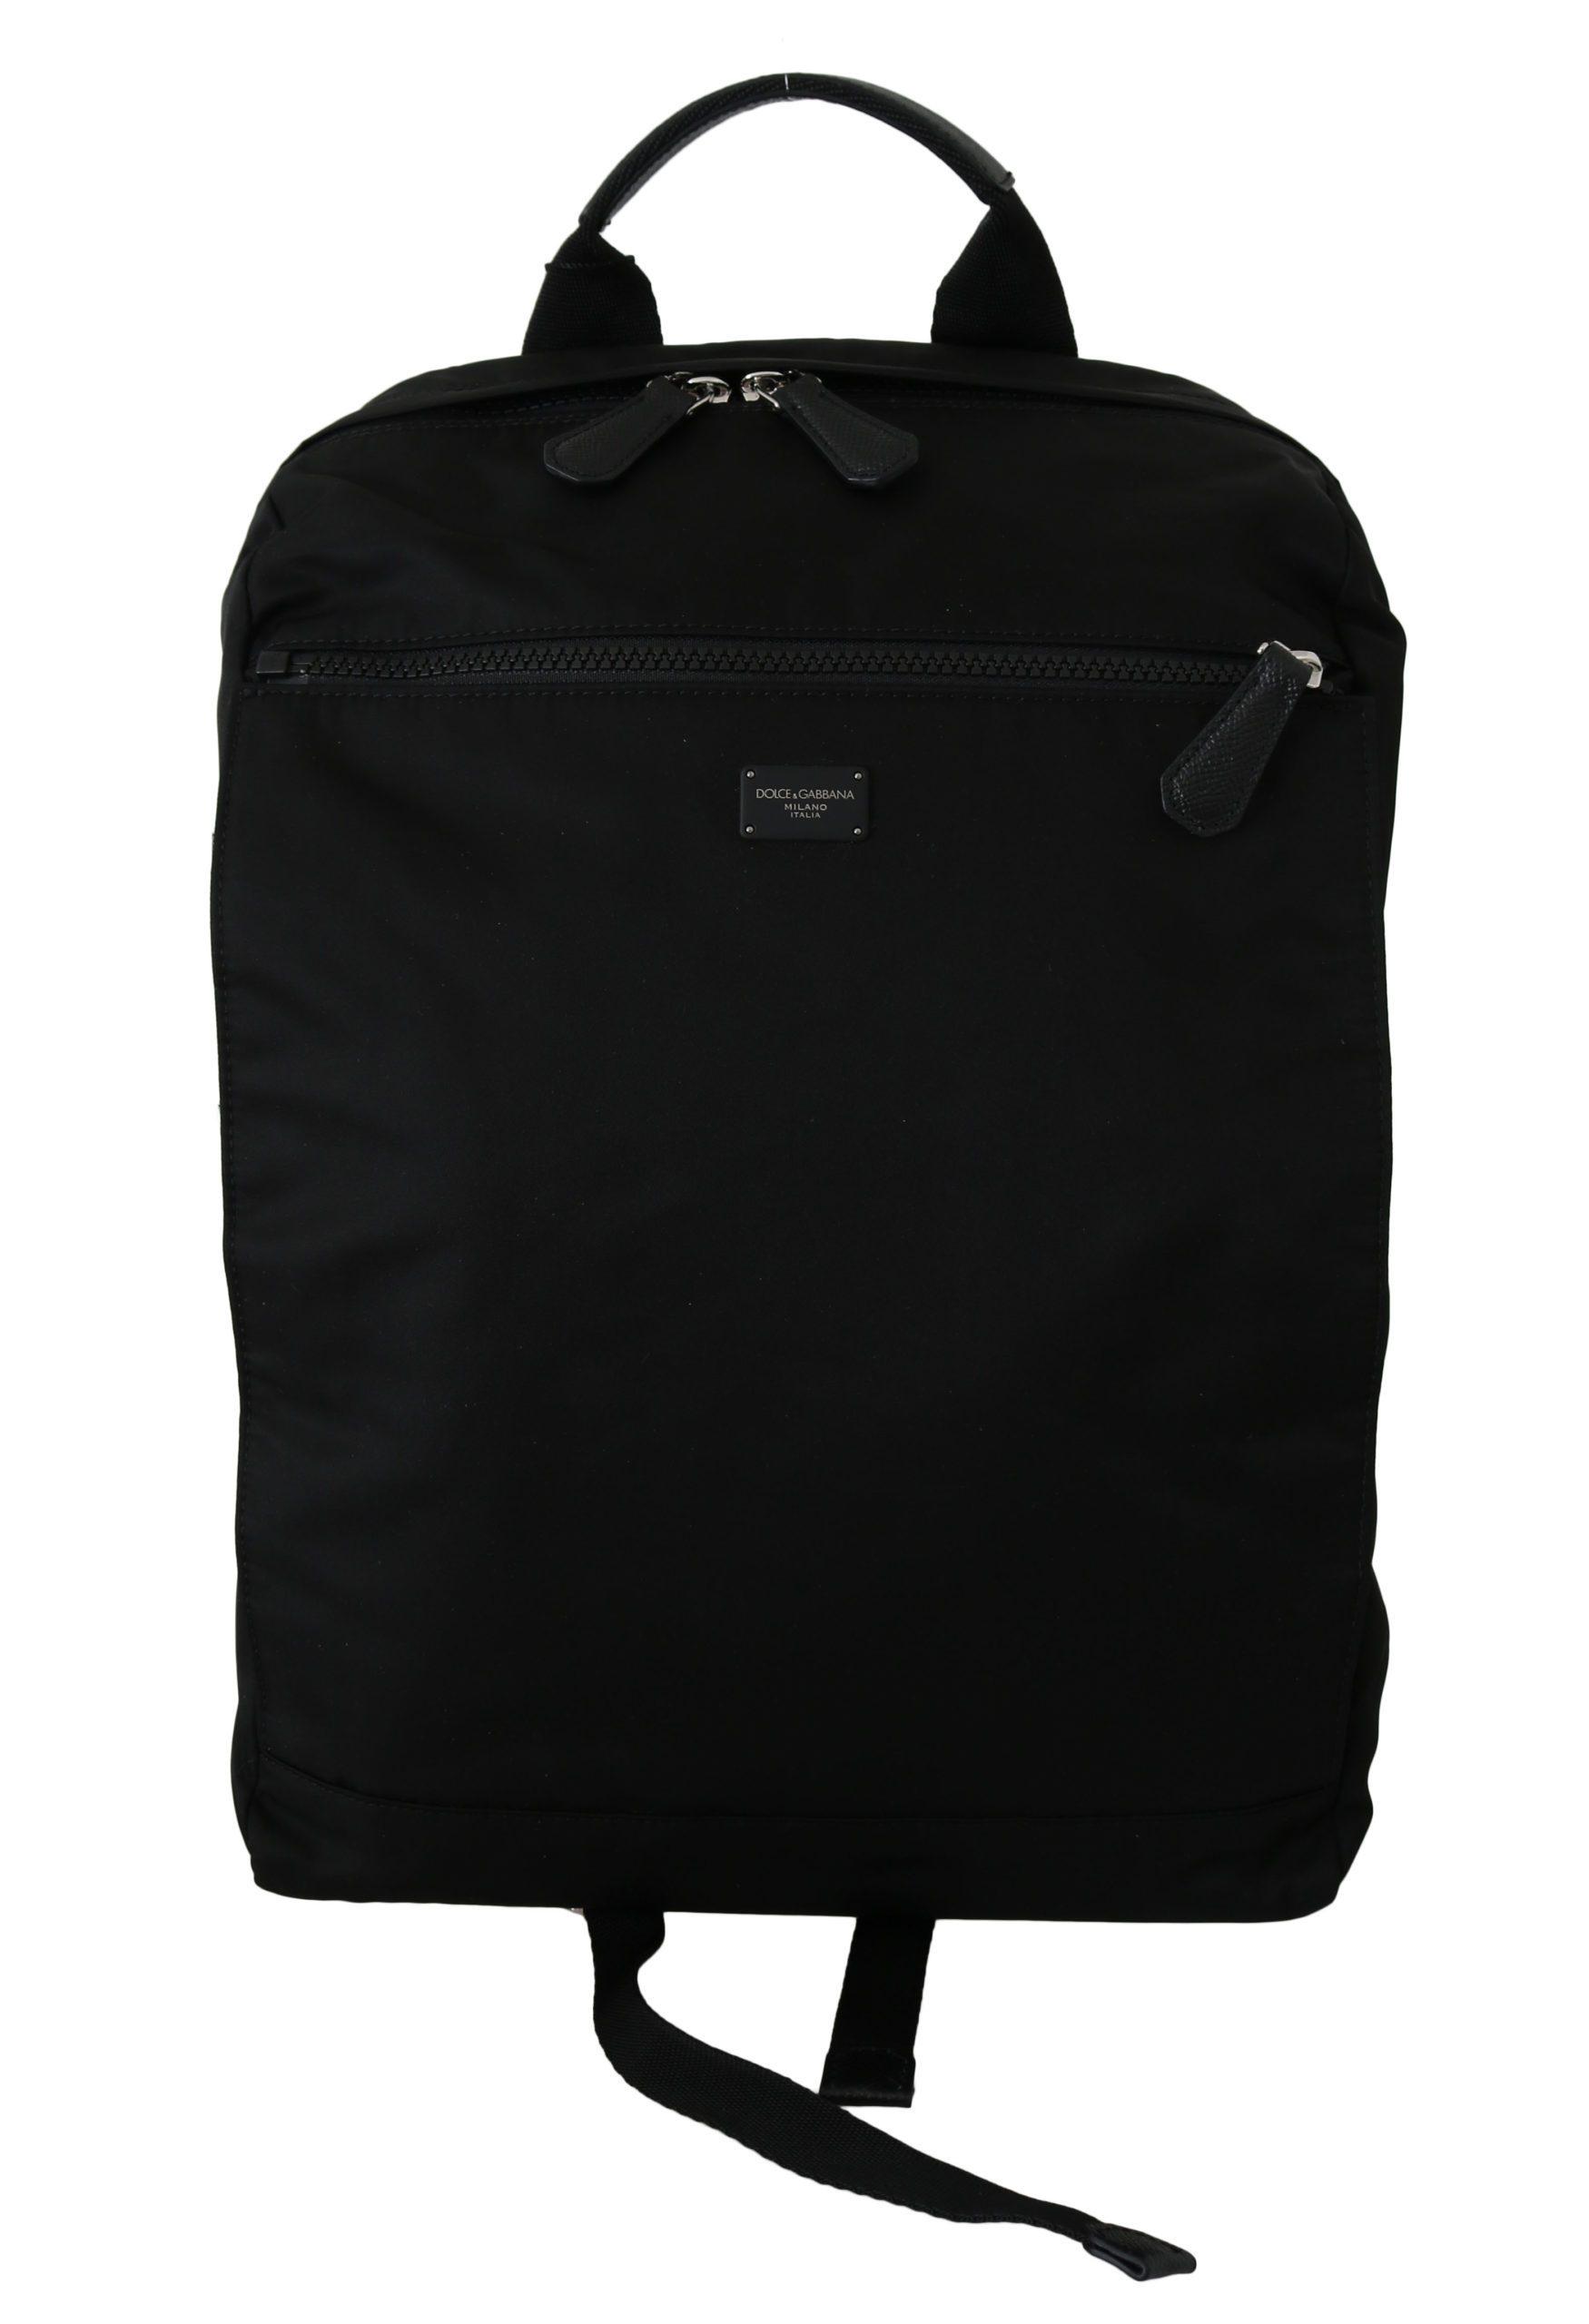 Dolce & Gabbana Men's School Travel Backpack Black VAS8795